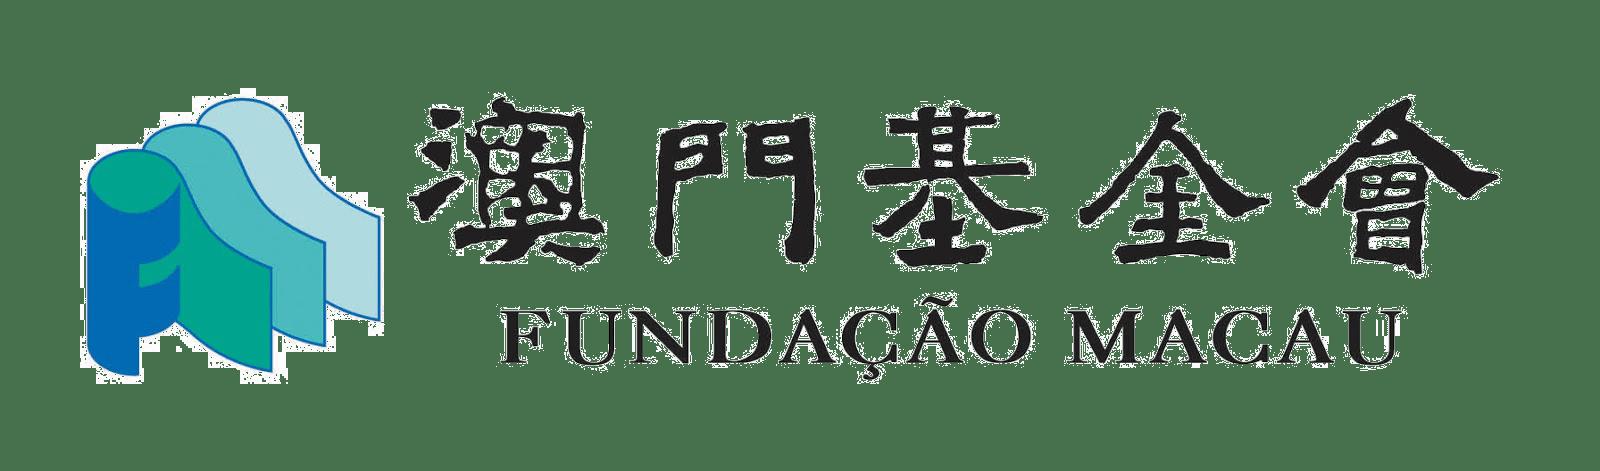 Macau Foundation Logo